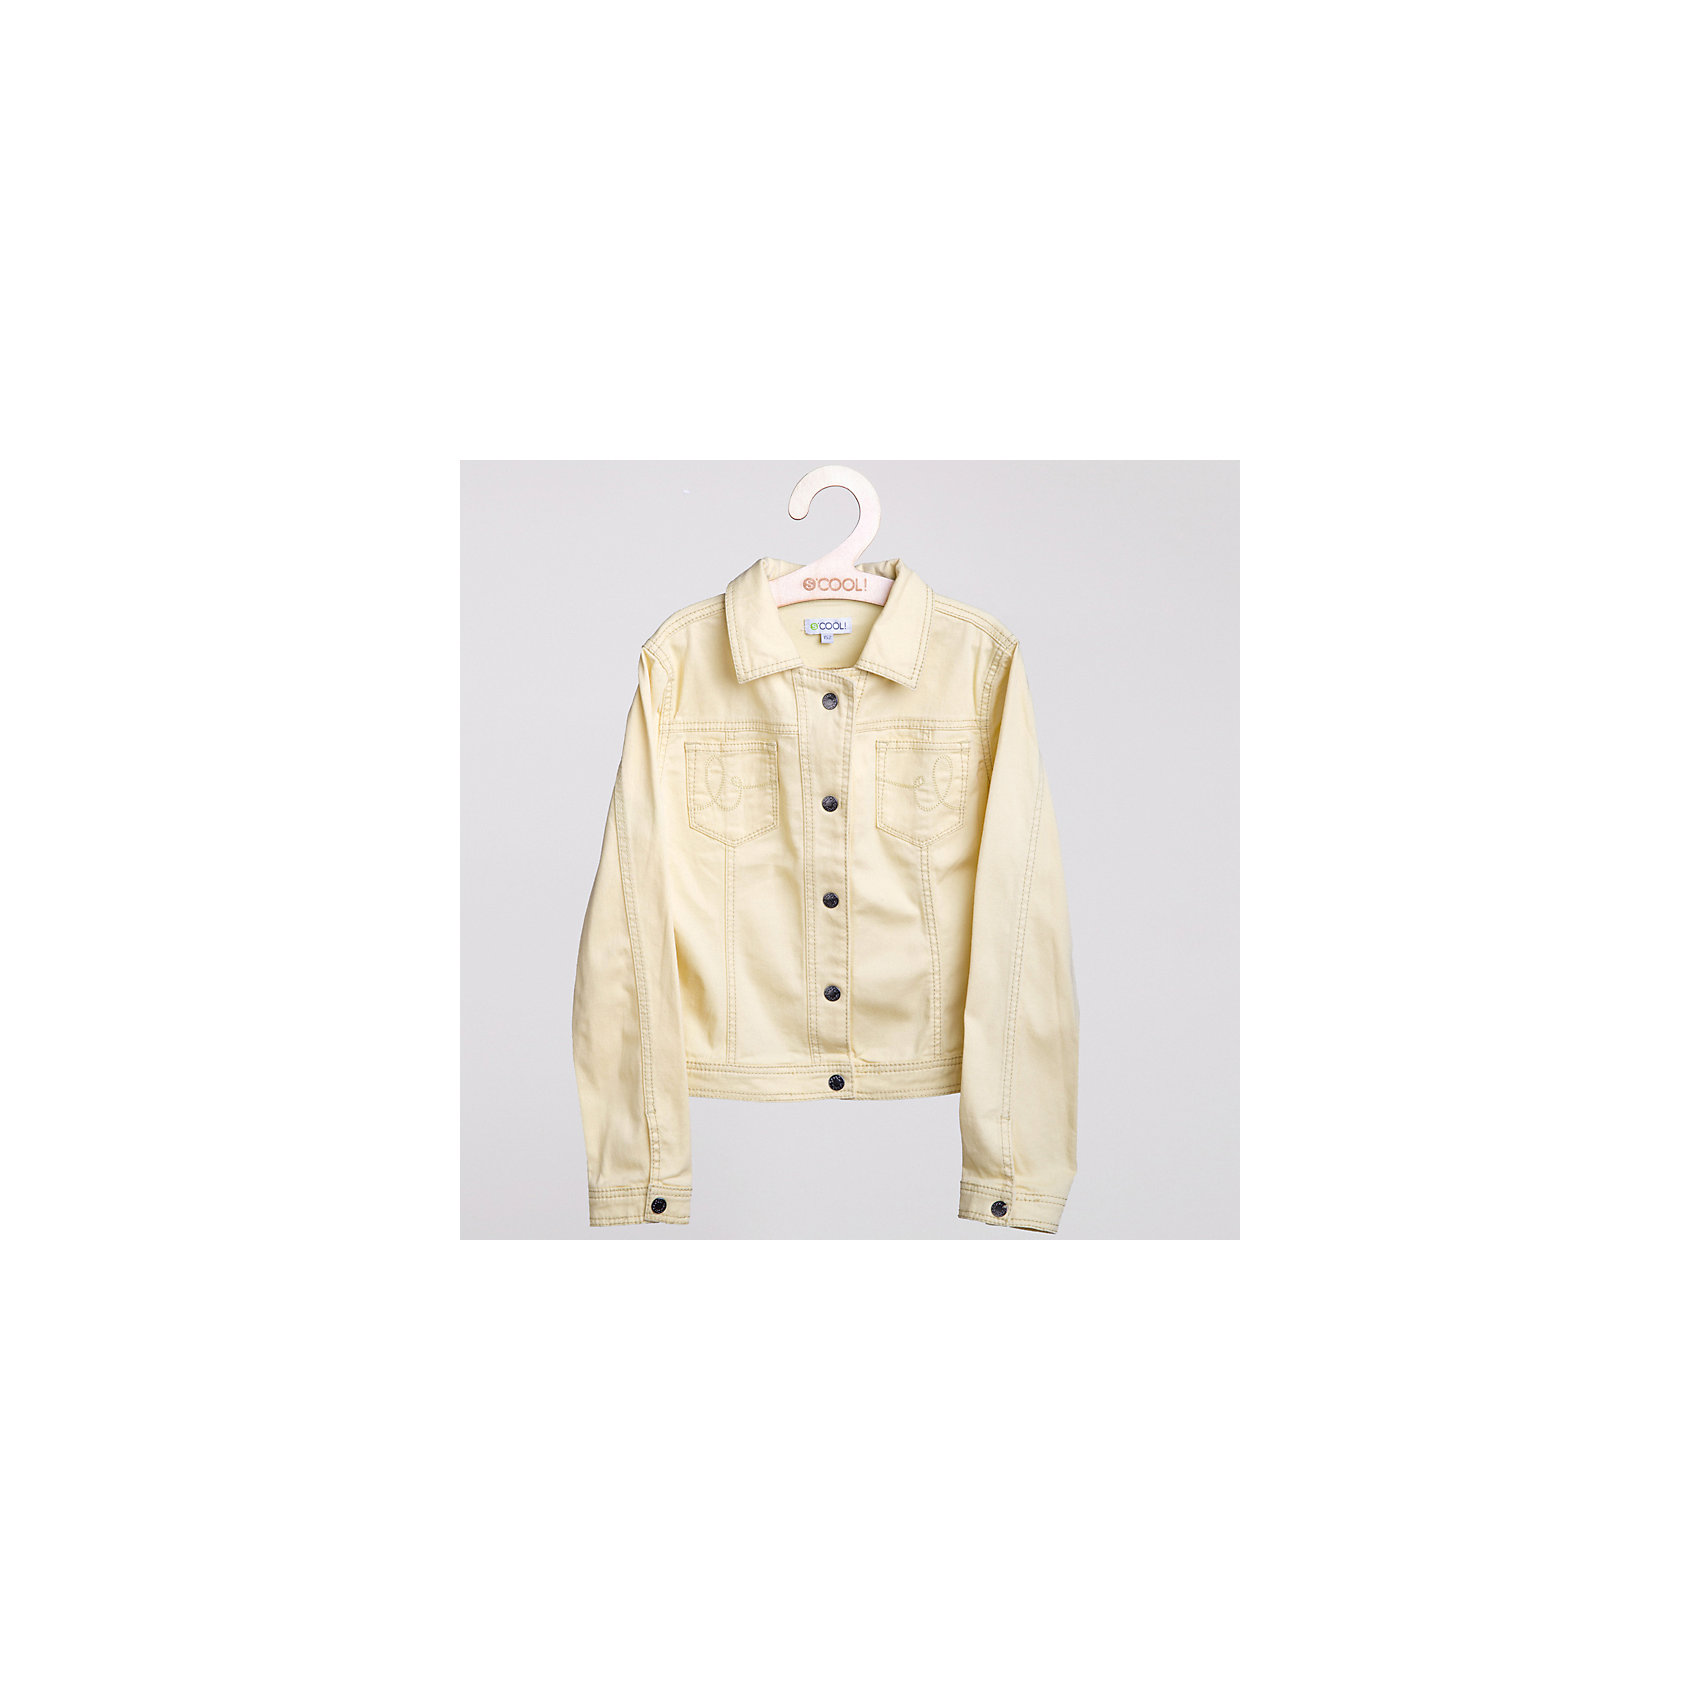 Куртка джинсовая для девочки ScoolДжинсовая одежда<br>Куртка джинсовая яркого цвета для девочки <br>*Застежка - металлические кнопки <br>*Отложной воротничек <br>*Два накладных функциональных кармана на полочке Состав: 95% хлопок, 5% эластан<br><br>Ширина мм: 356<br>Глубина мм: 10<br>Высота мм: 245<br>Вес г: 519<br>Цвет: желтый<br>Возраст от месяцев: 156<br>Возраст до месяцев: 168<br>Пол: Женский<br>Возраст: Детский<br>Размер: 164,134,158,152,146,140<br>SKU: 4000785